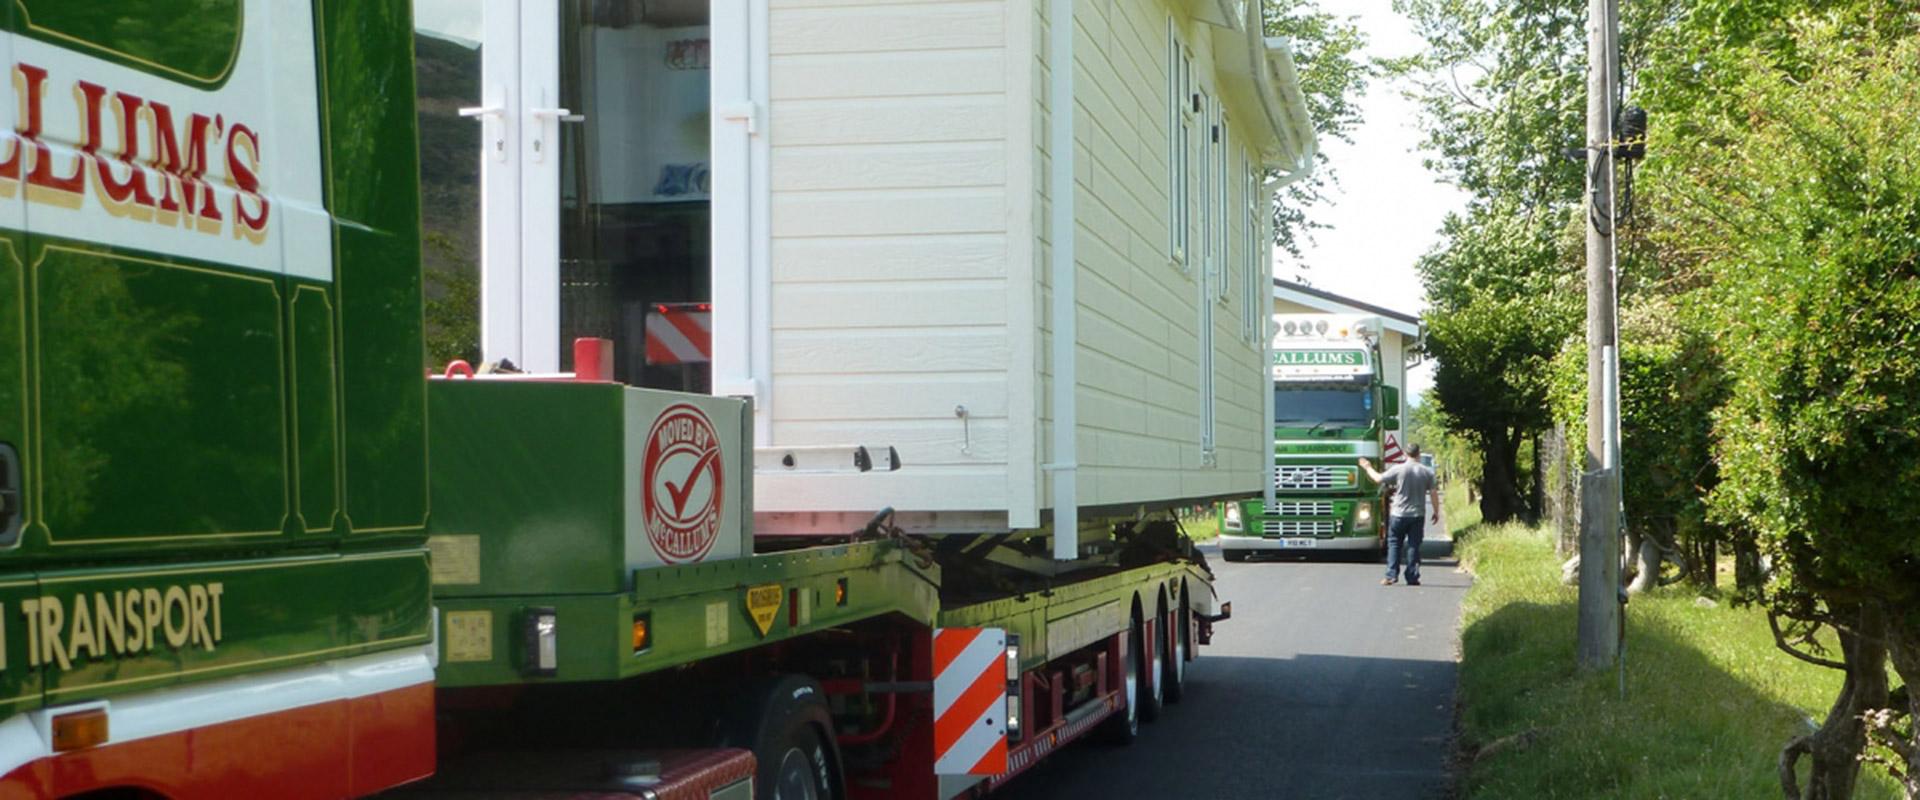 Pre-owned Static Caravans Scotland | Static Caravan Transport